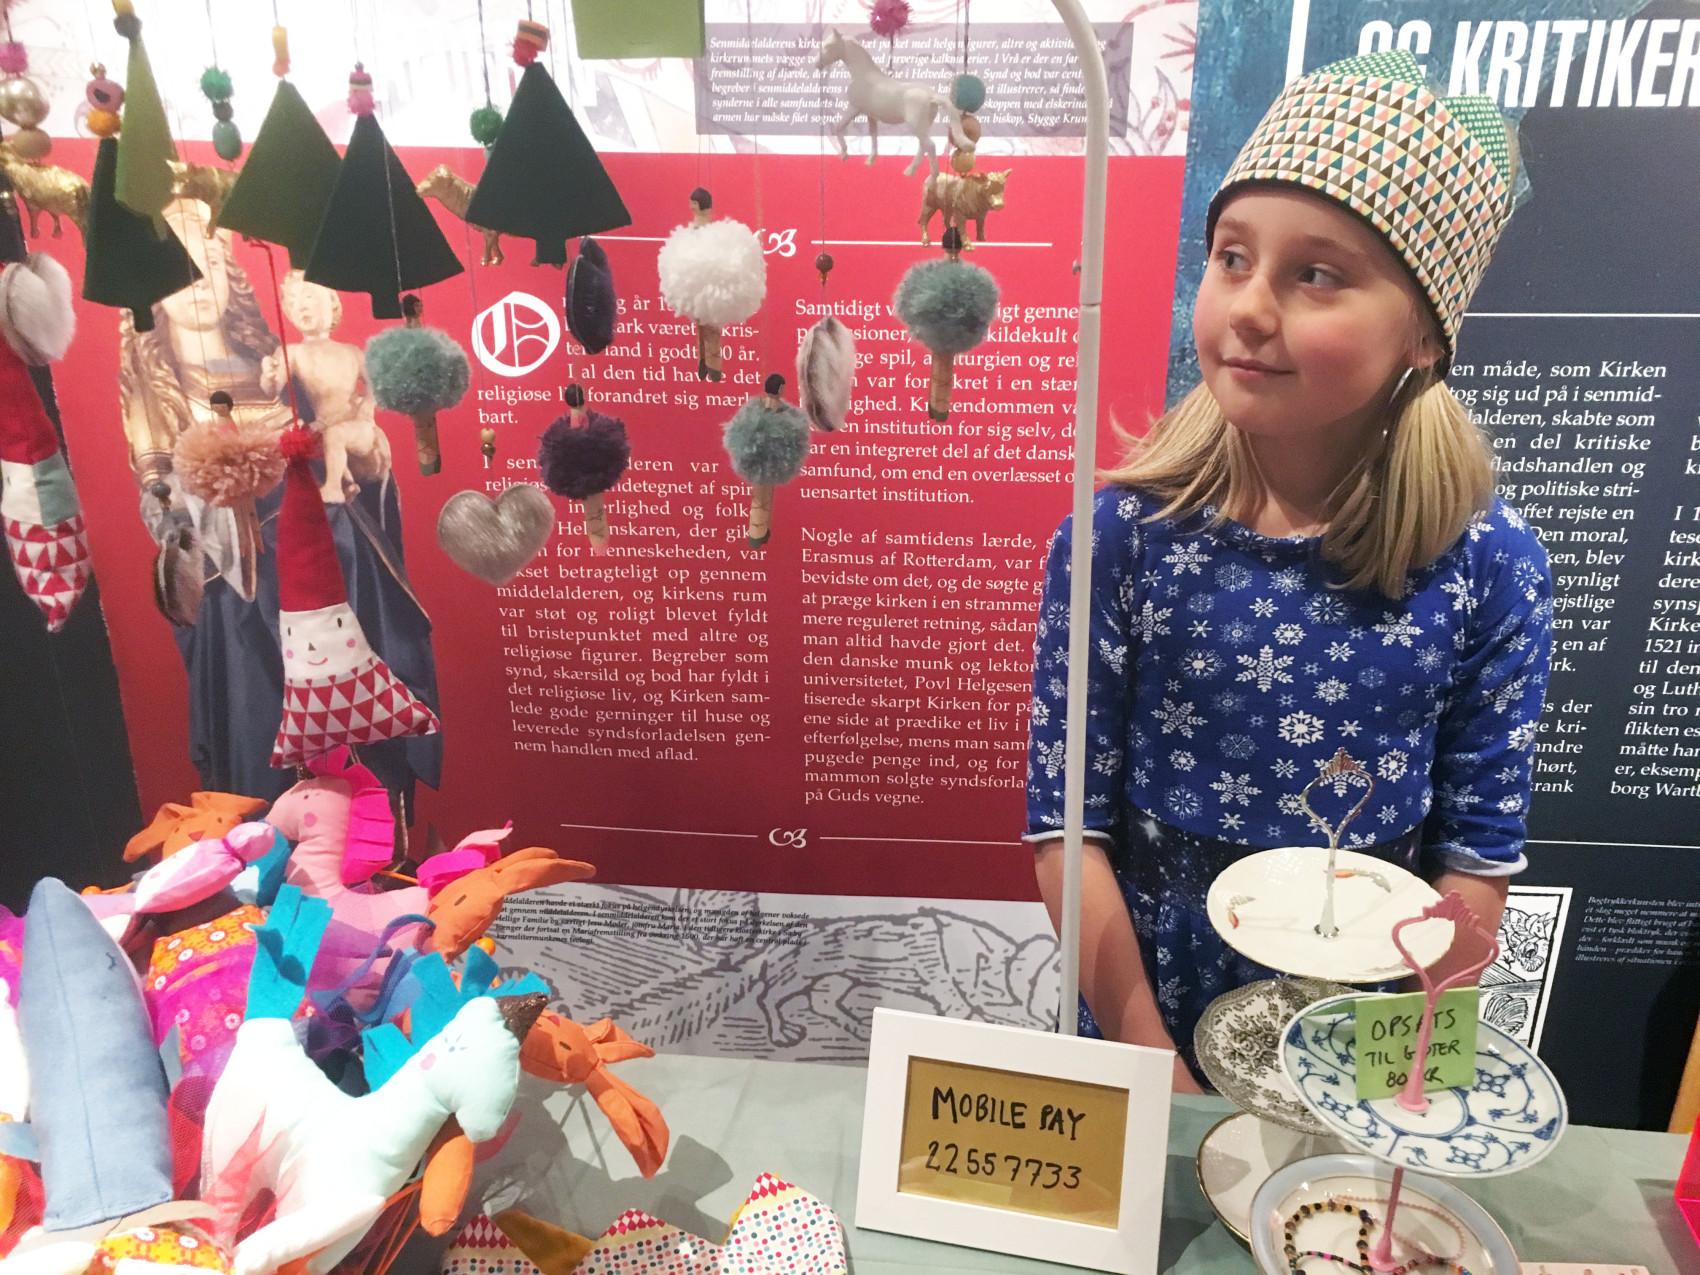 Guide til julemarkeder – uden at blive vanvittig 7